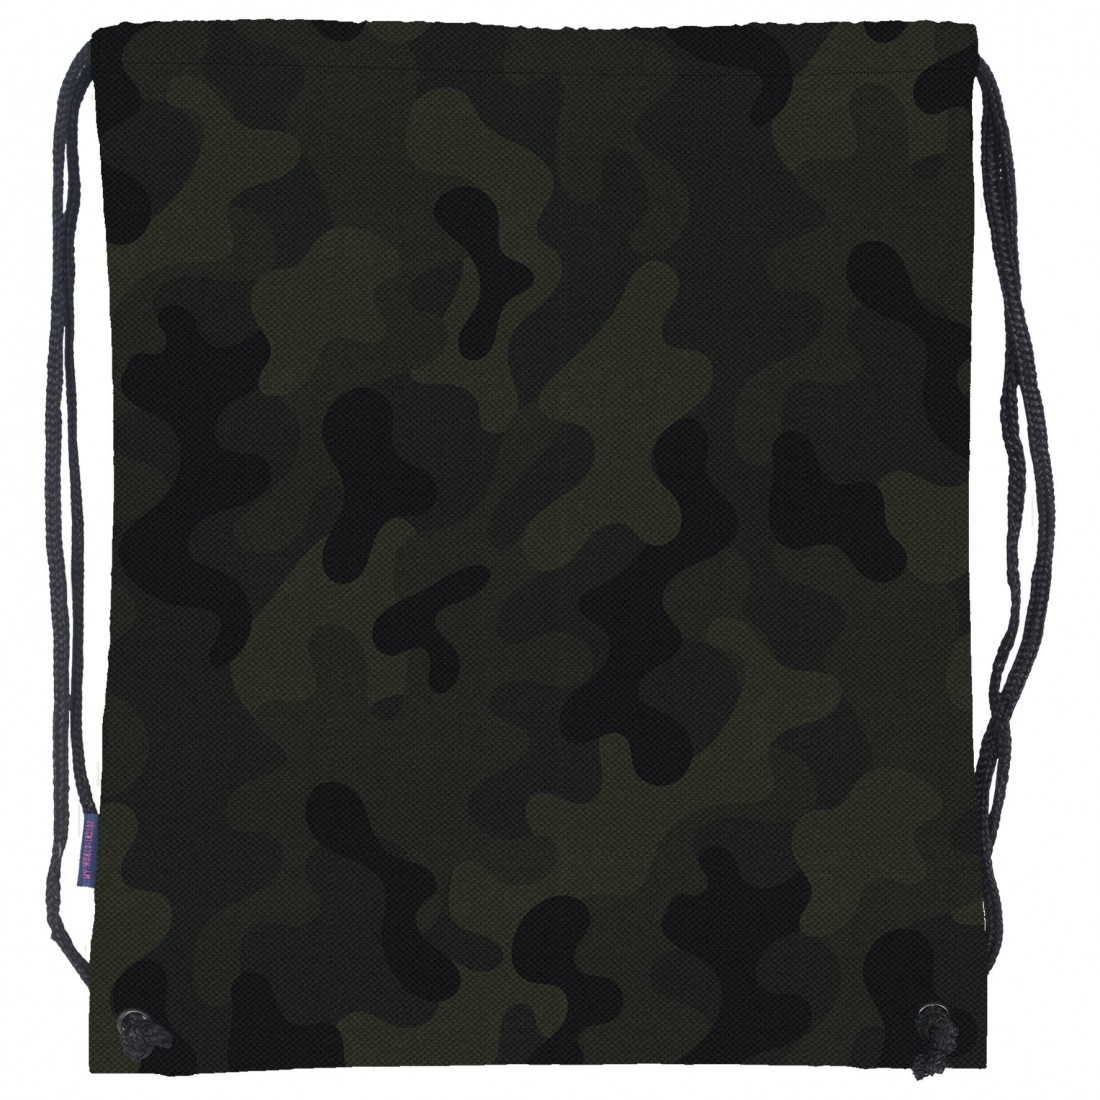 28801a3f53ad4 Worek dla chłopaka na buty i strój na lekcje WF w barwach militarnych -  moro. Świetny plecak na sznurkach na spacery lub przejażdżki rowerowe.